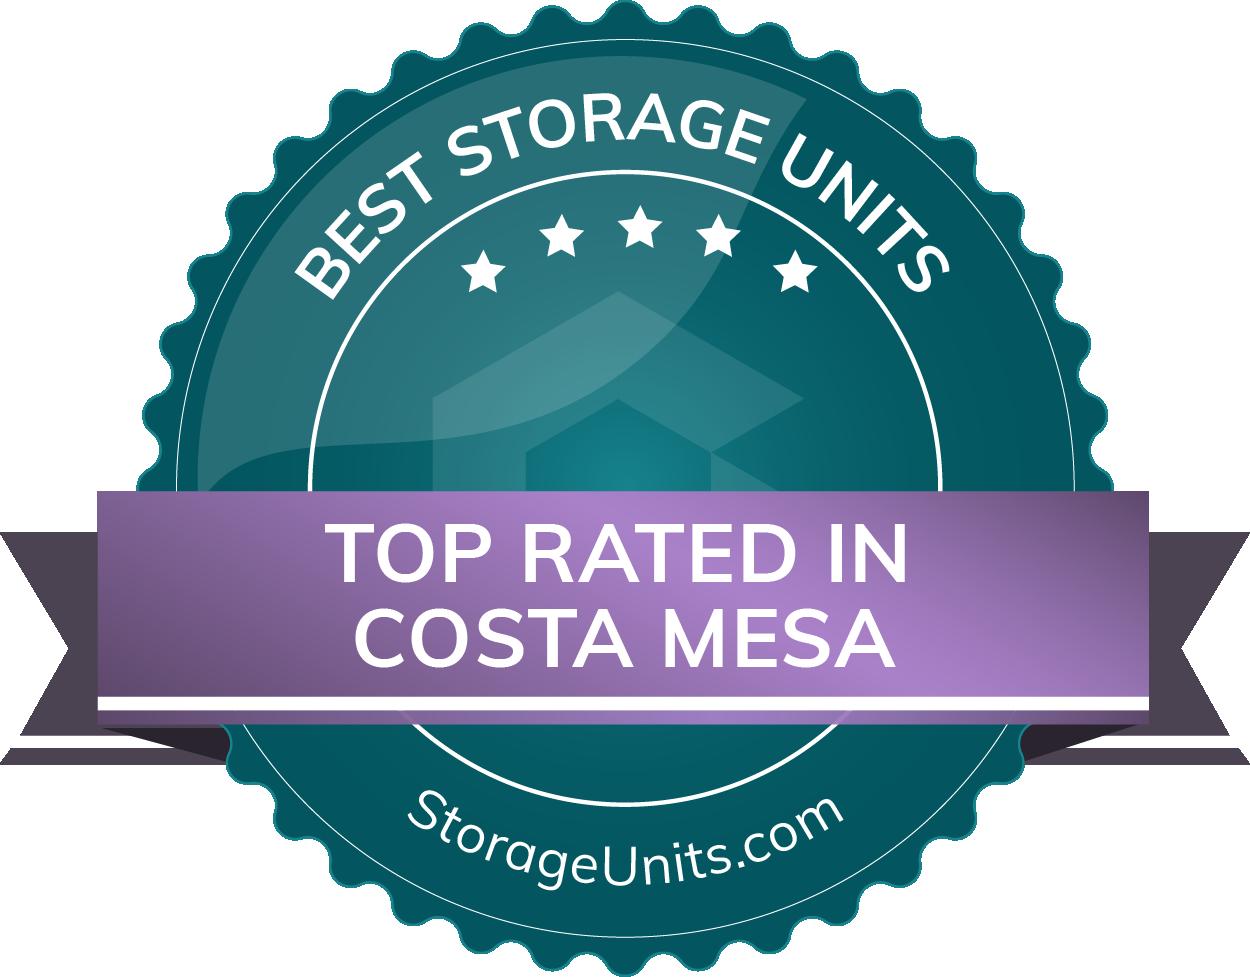 Best Self Storage Units in Costa Mesa, CA